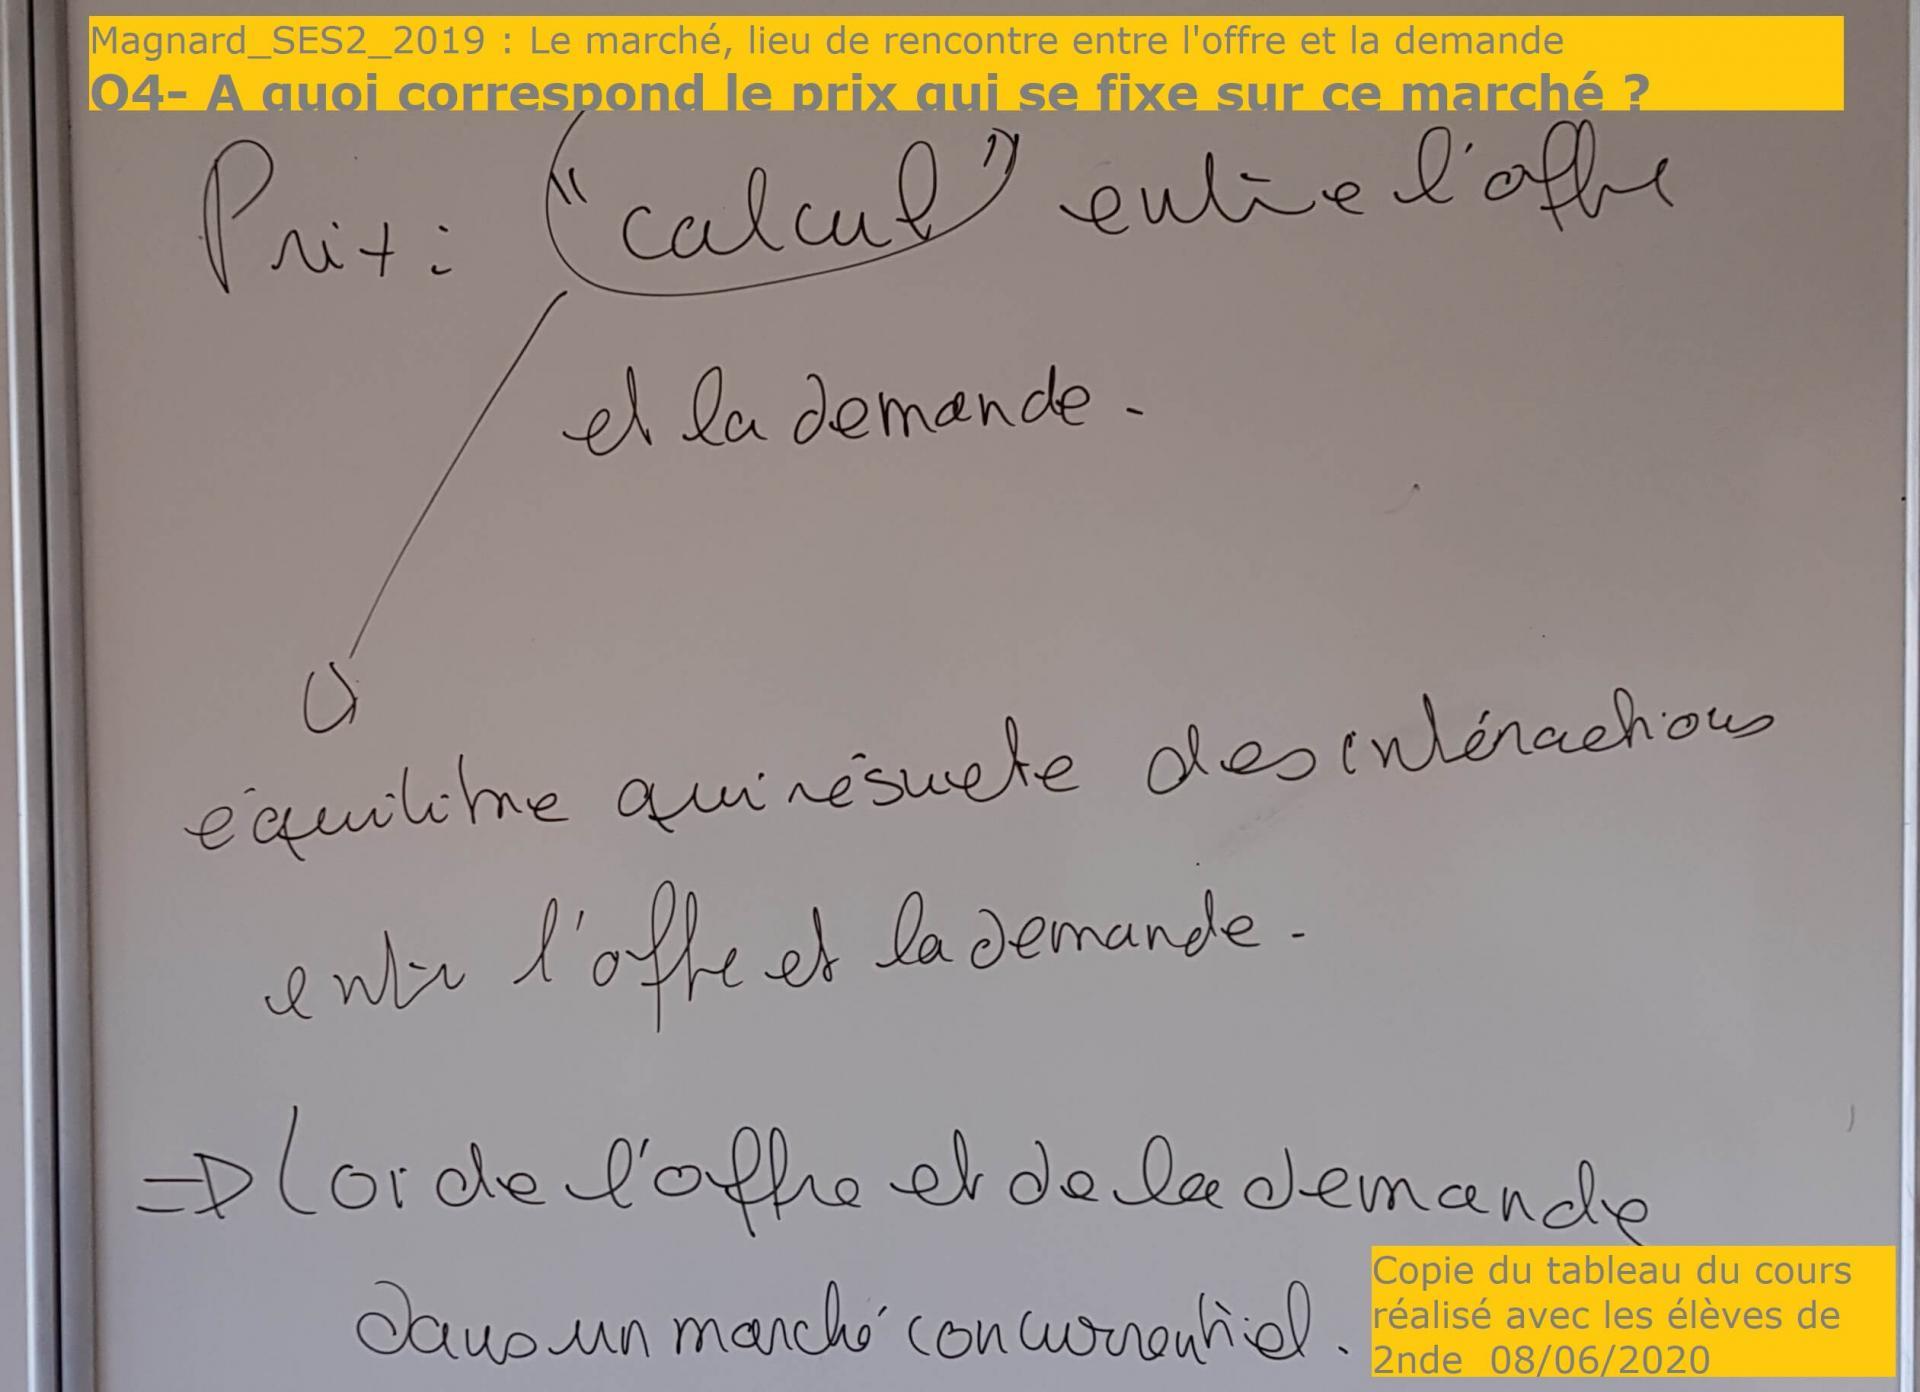 Tableau doc2 page 61 q4